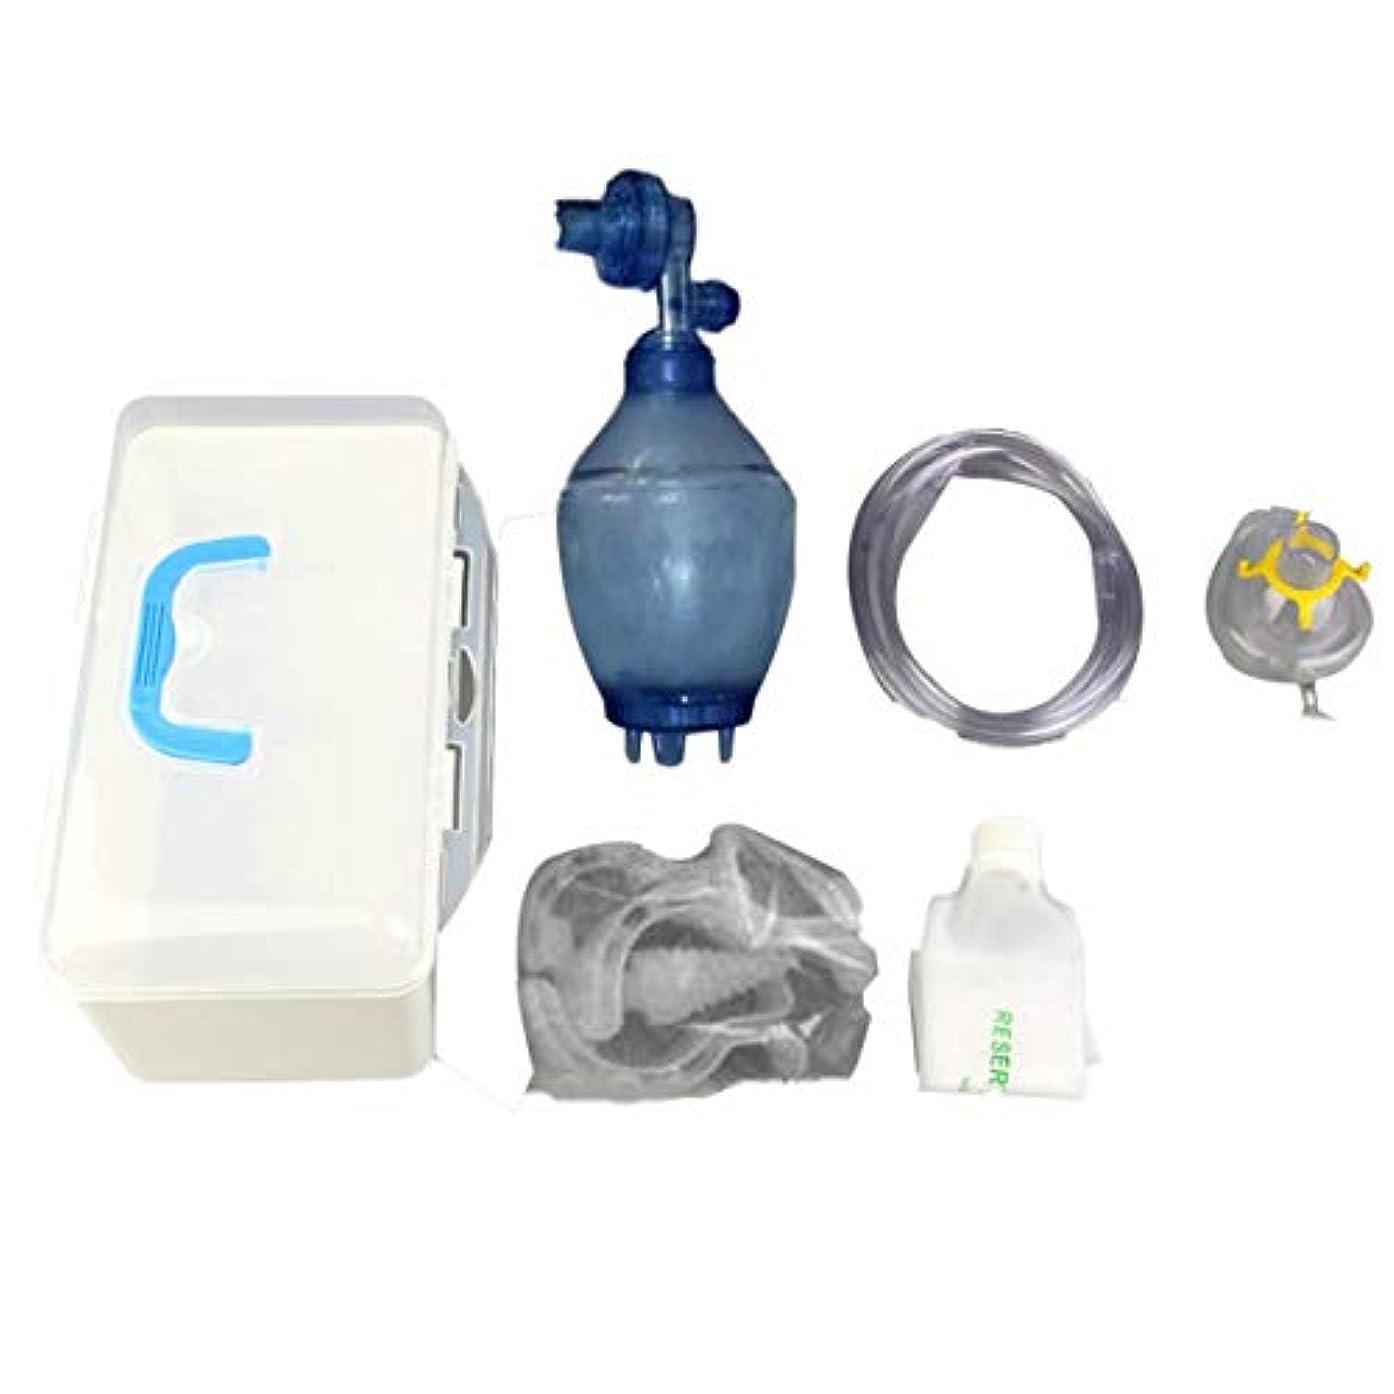 征服者教酔うインターコアリーシンプルセルフヘルプ呼吸器/シリカゲルシンプルマスク/心肺蘇生用エアバッグトレーニング